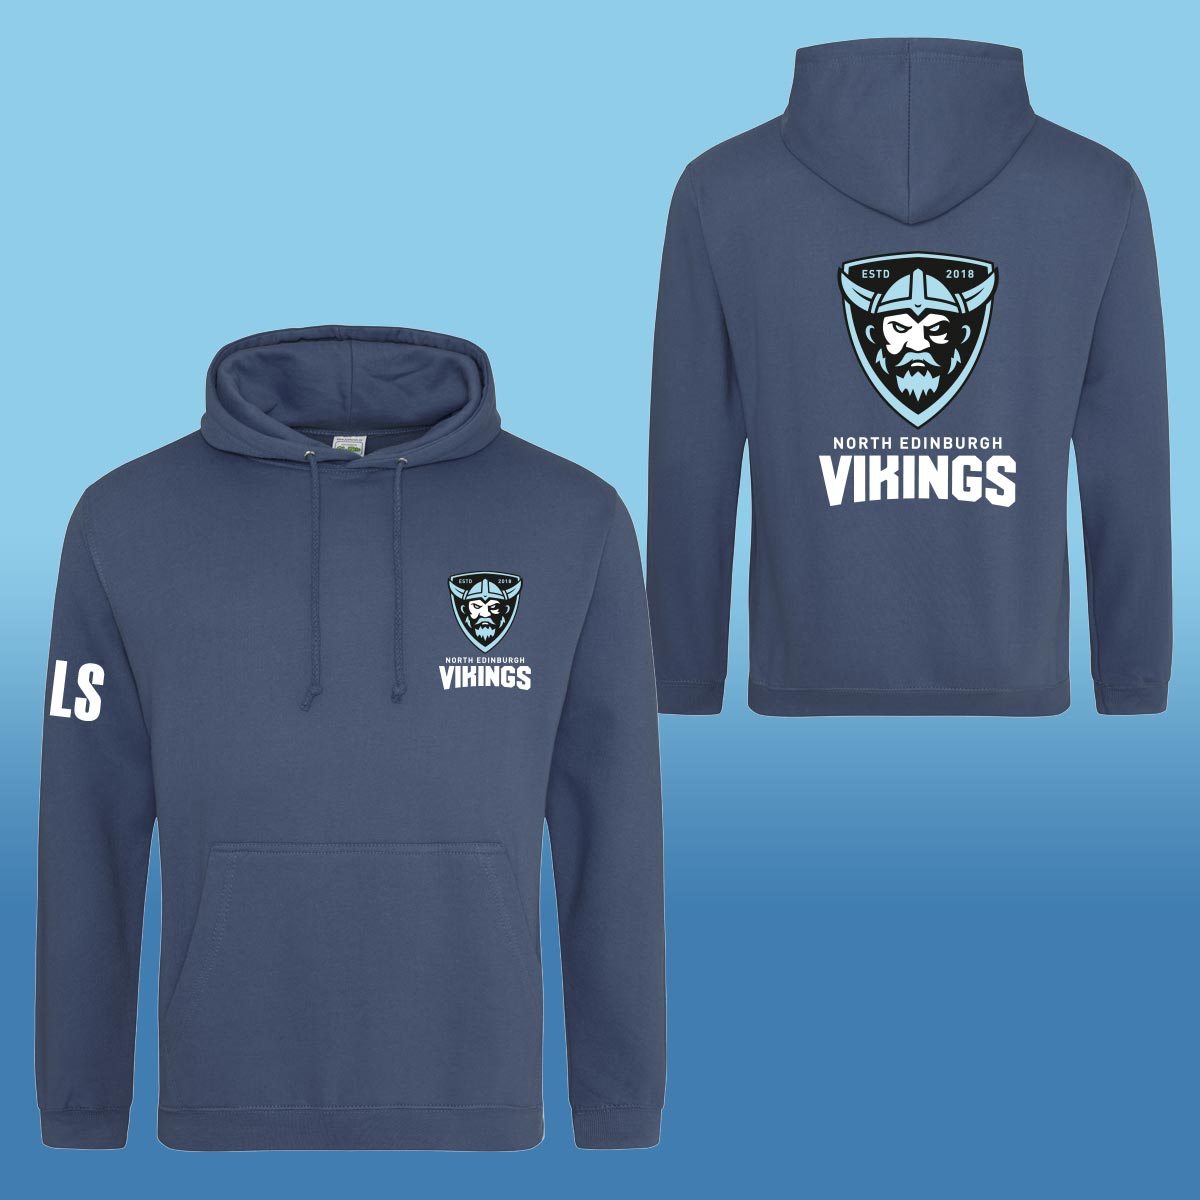 North Edinburgh Vikings Hoodies